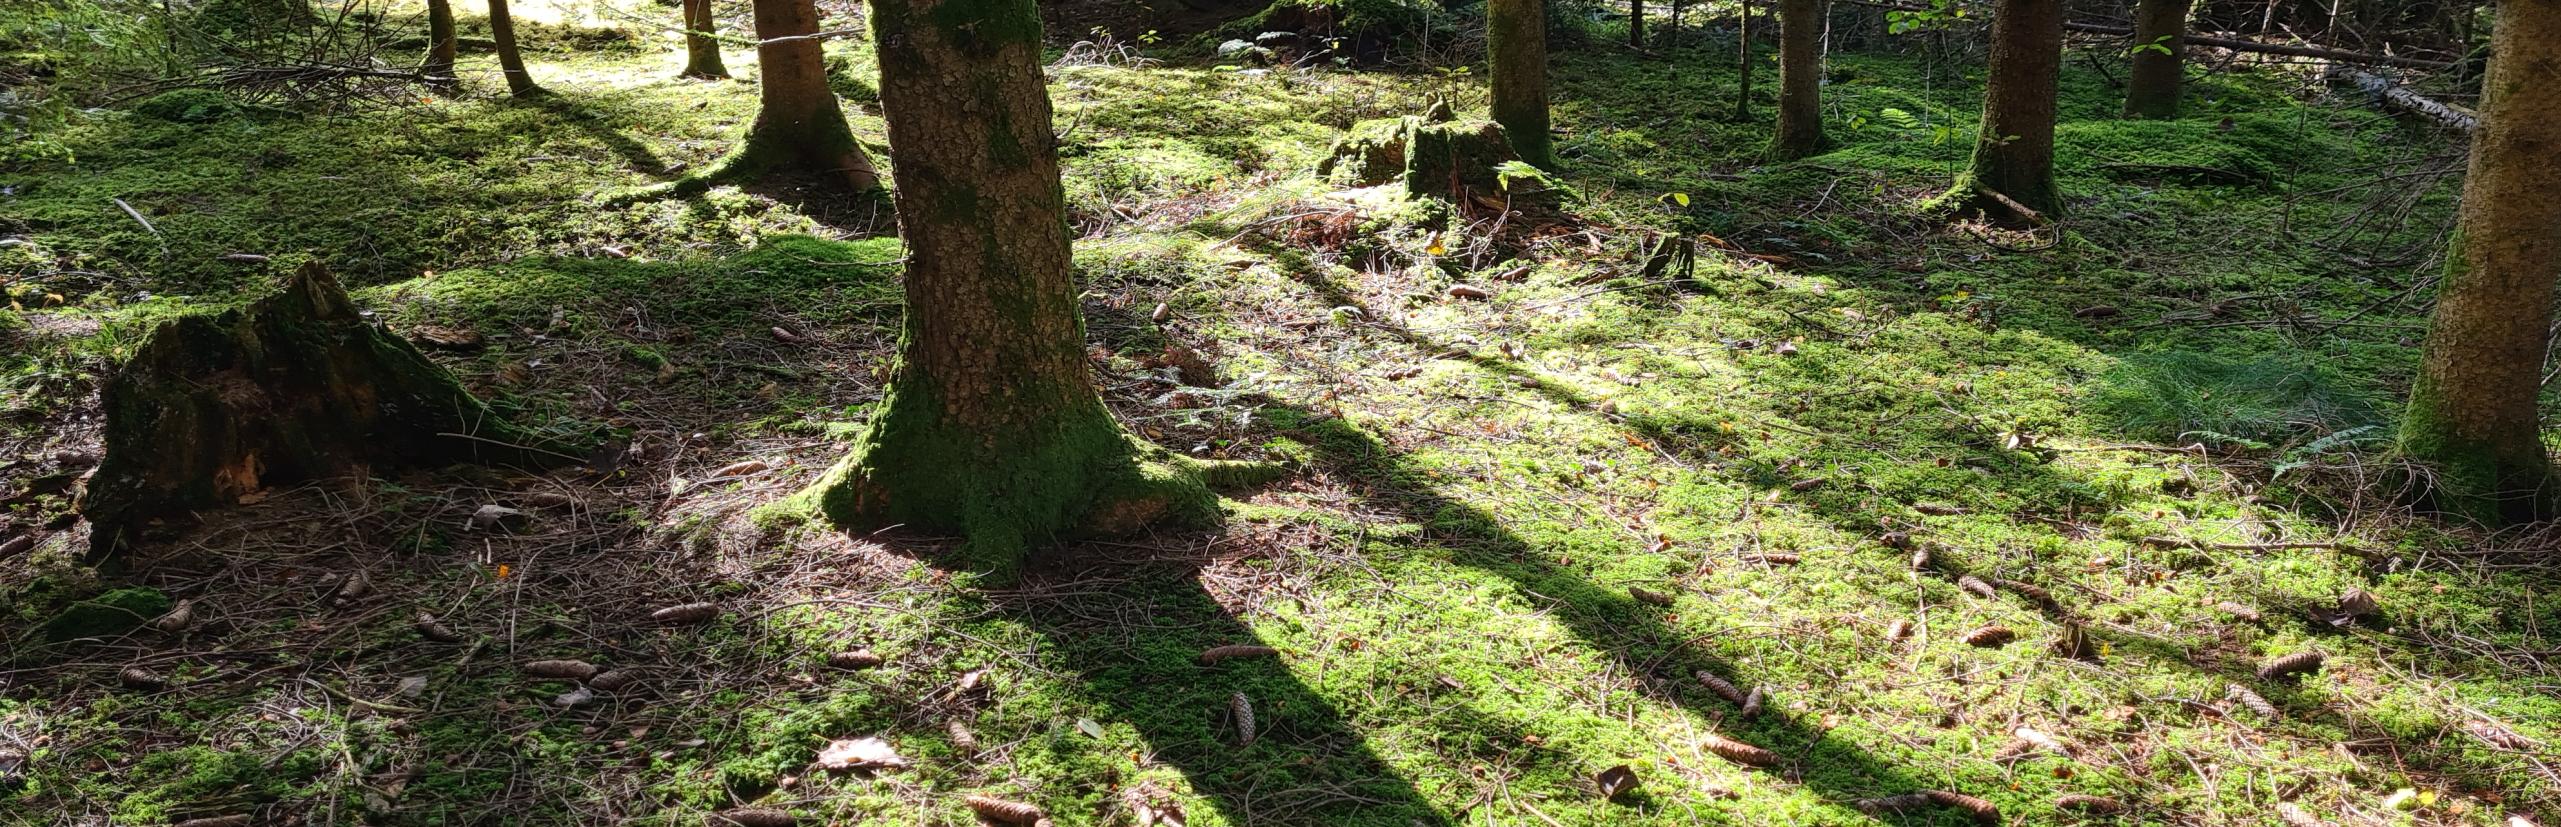 Trauerfeier mit Christian G. Binder in einem Wald in München